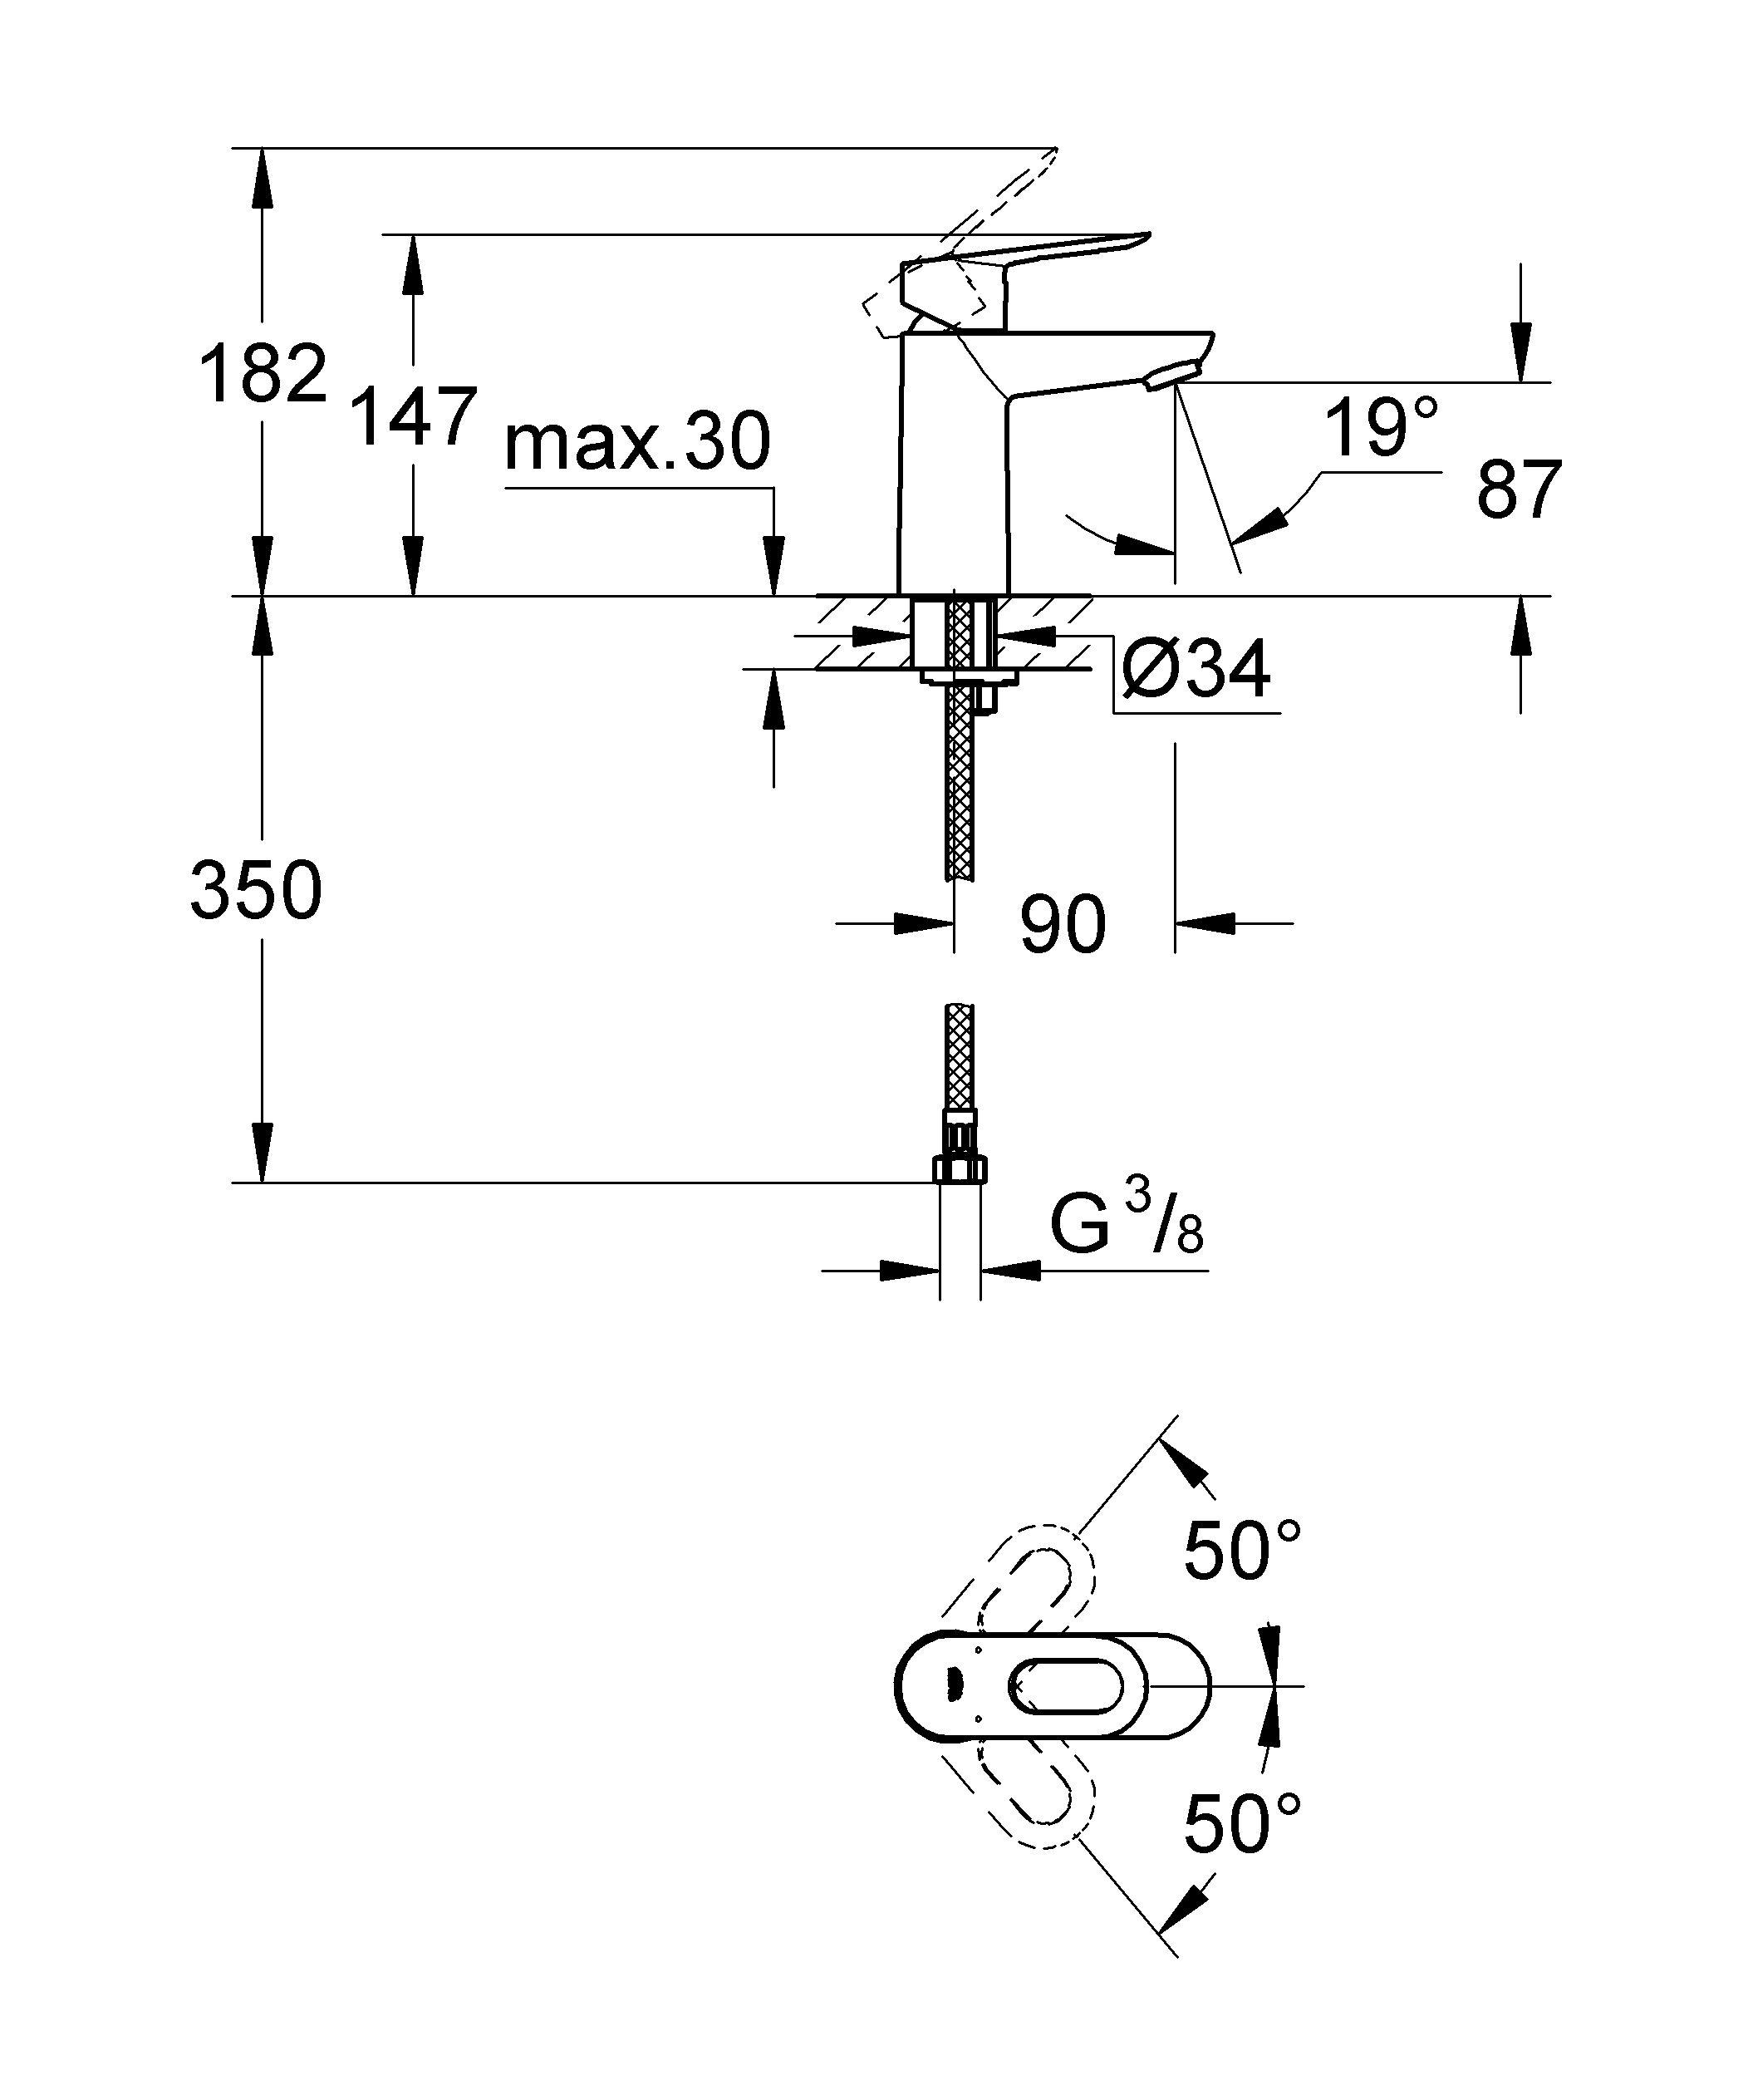 Монтаж на одно отверстие  Металлический рычаг  GROHE SilkMove керамический картридж 28 мм  GROHE StarLight хромированная поверхность   GROHE EcoJoy - технология совершенного потока при уменьшенном расходе воды   Аэратор  Гладкий корпус  Гибкая подводка  Система быстрого монтажа  Минимальное давление 1,0 бар   Видео по установке является исключительно информационным. Установка должна проводиться профессионалами!